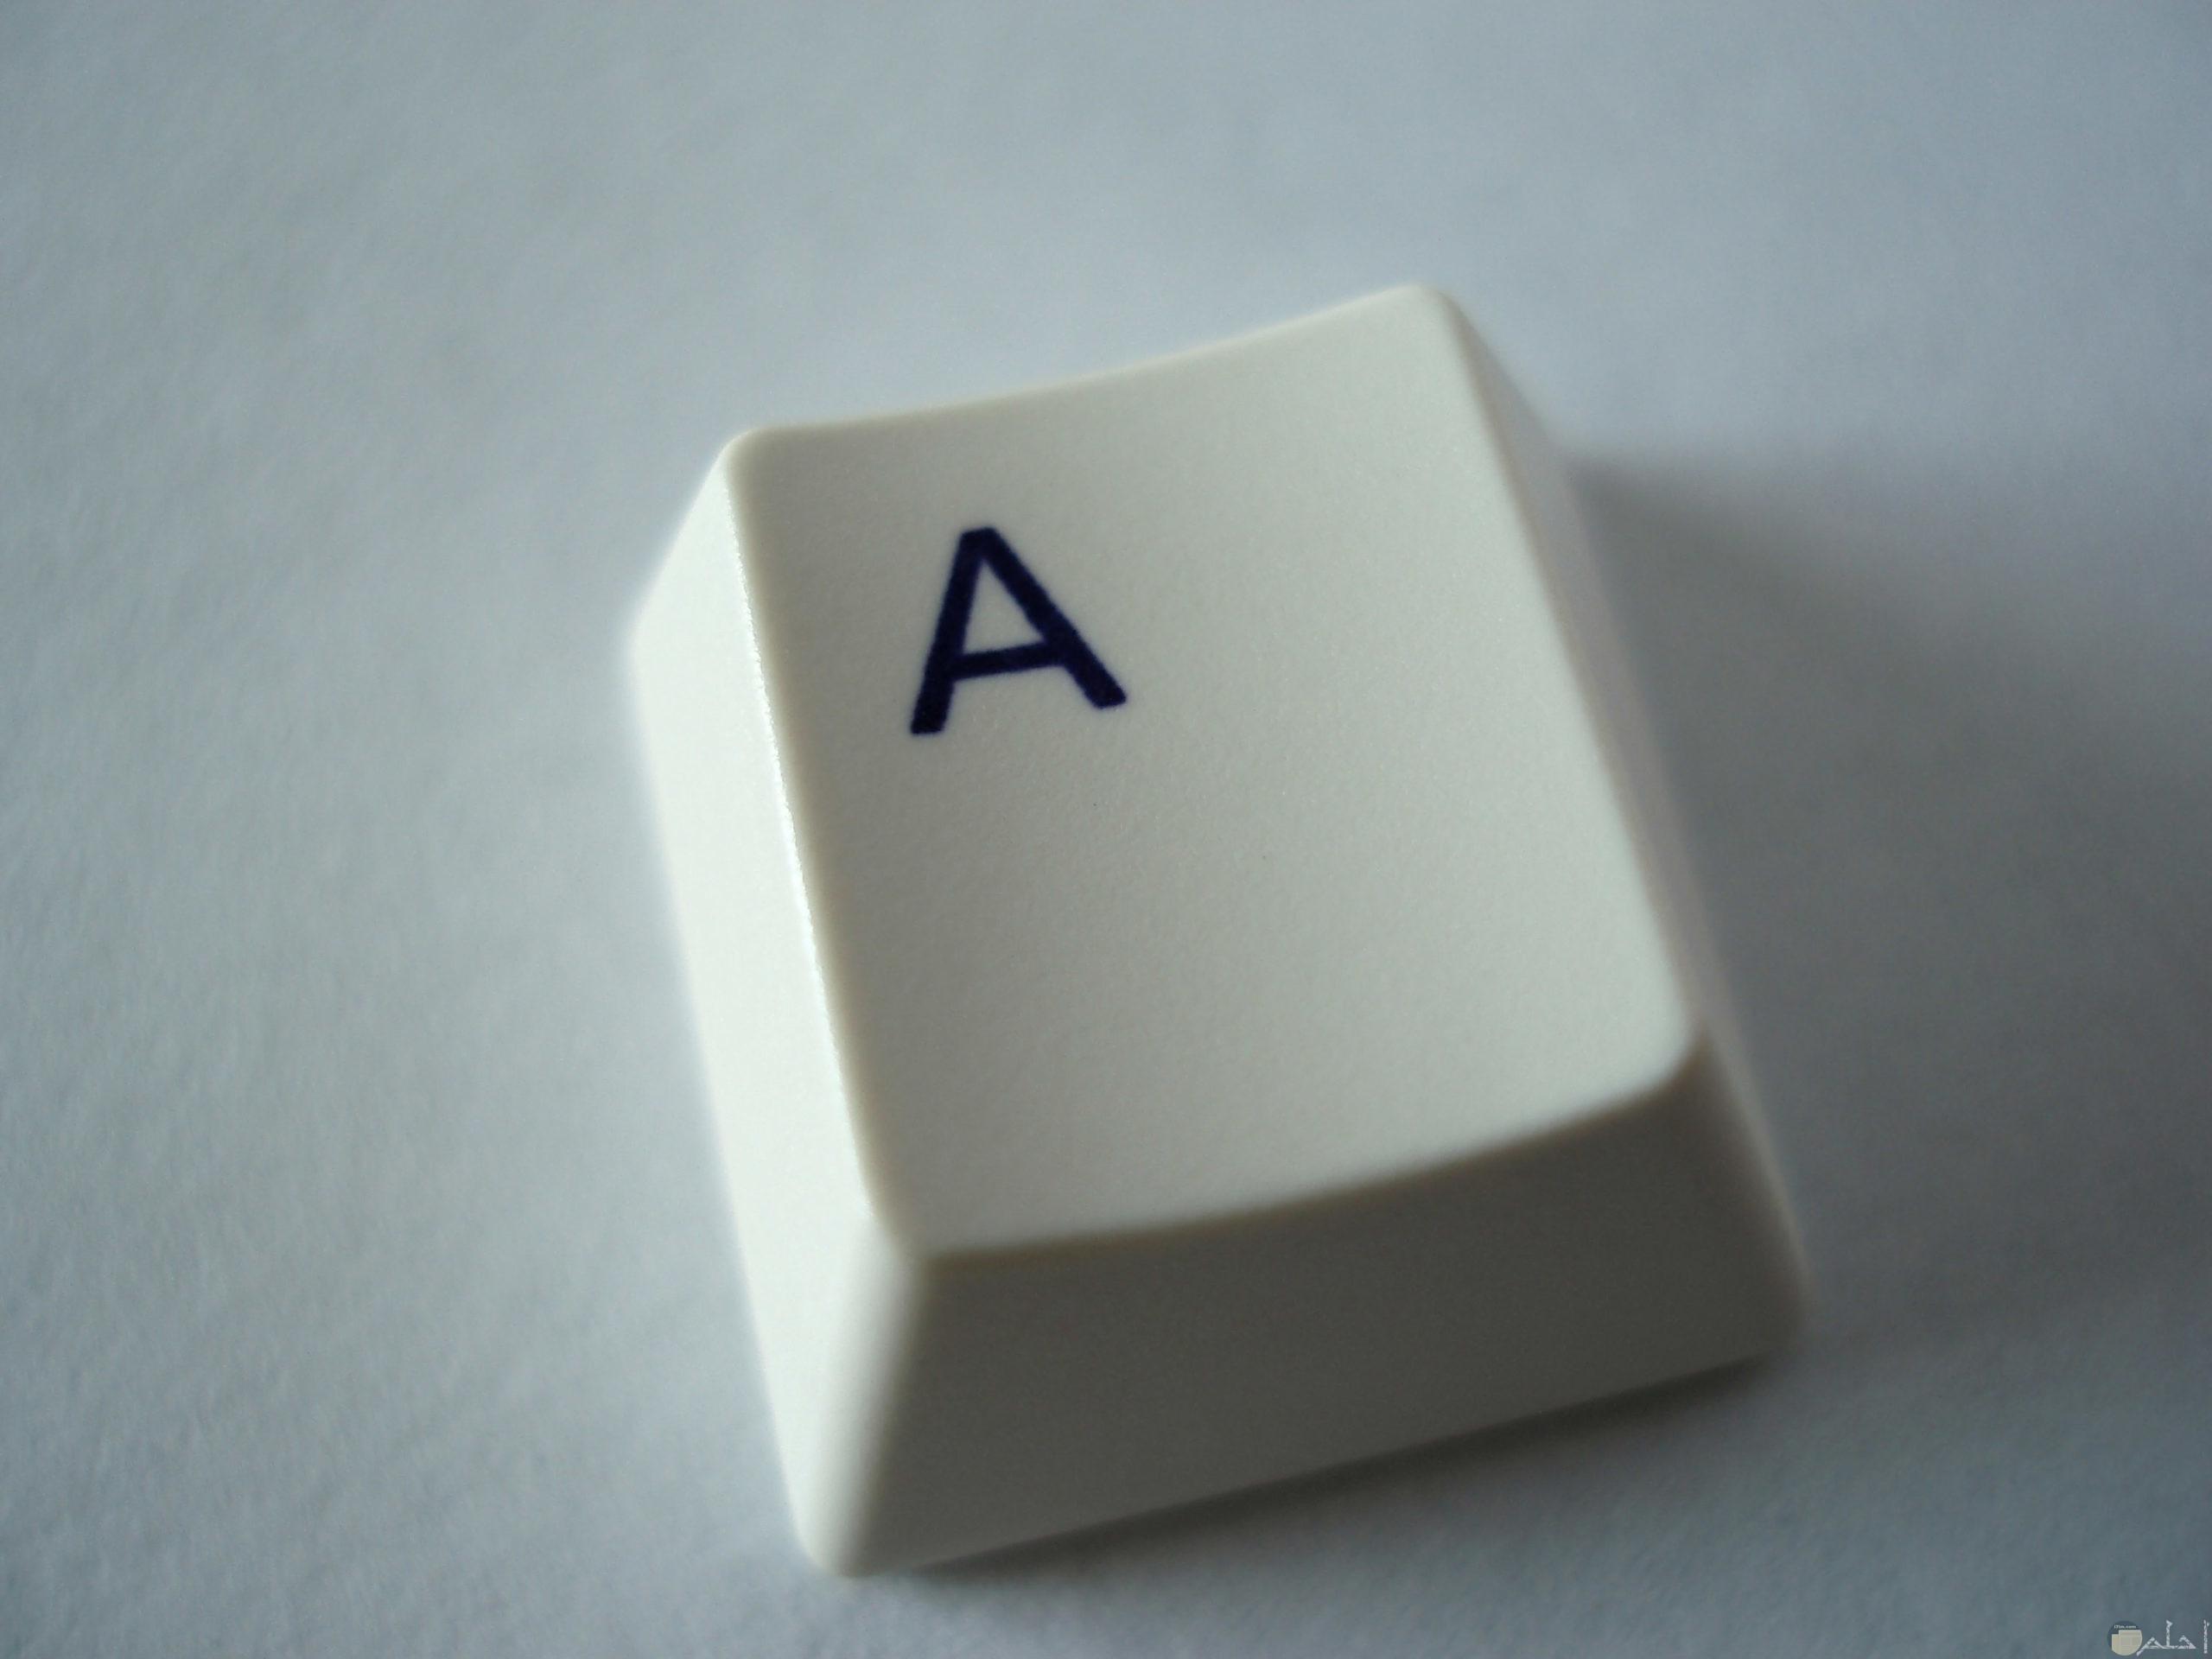 مفتاح حرف a بلوح أزرار الكومبيوتر.